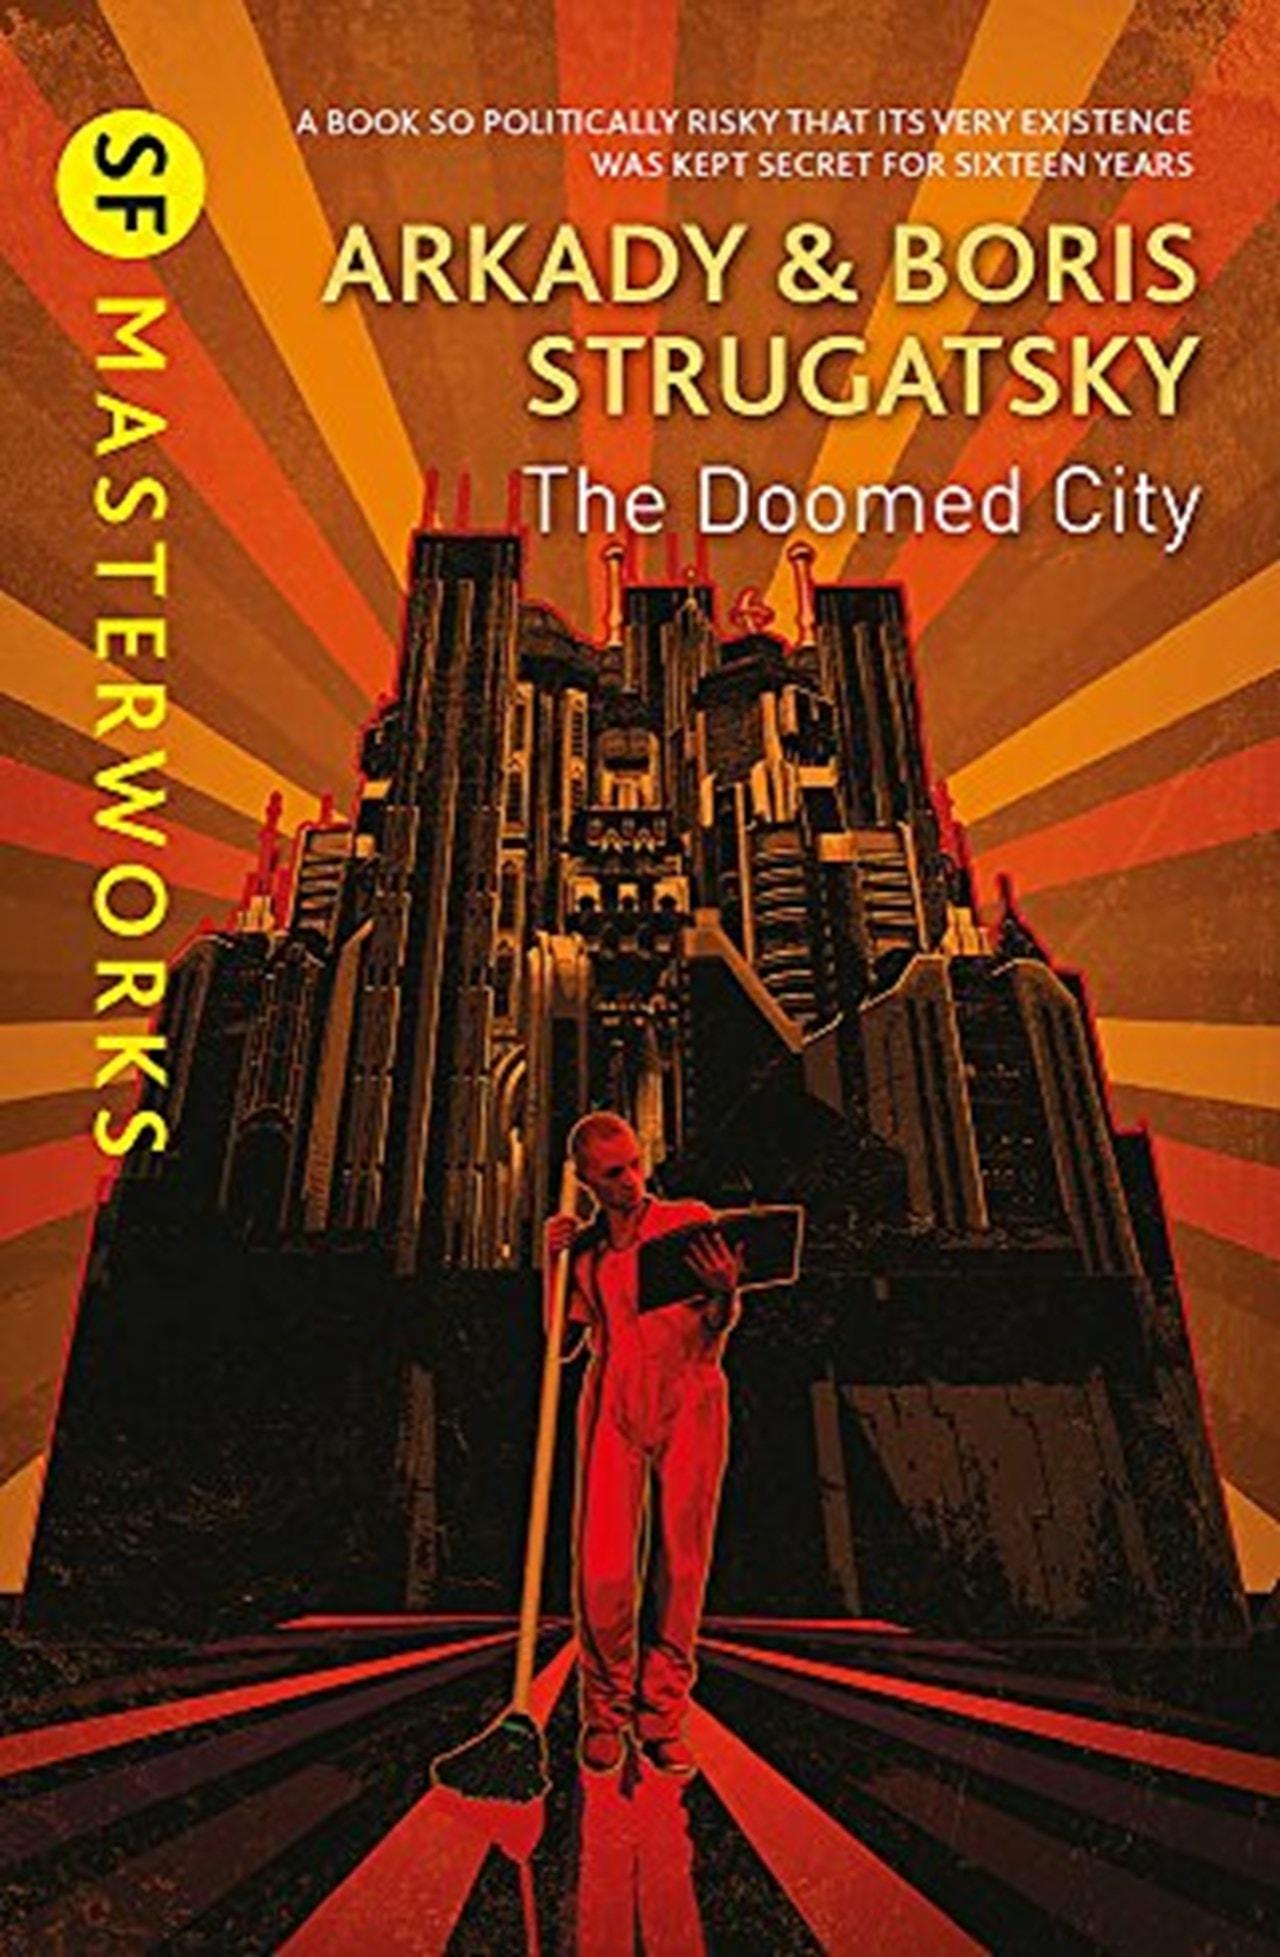 The Doomed City - 1